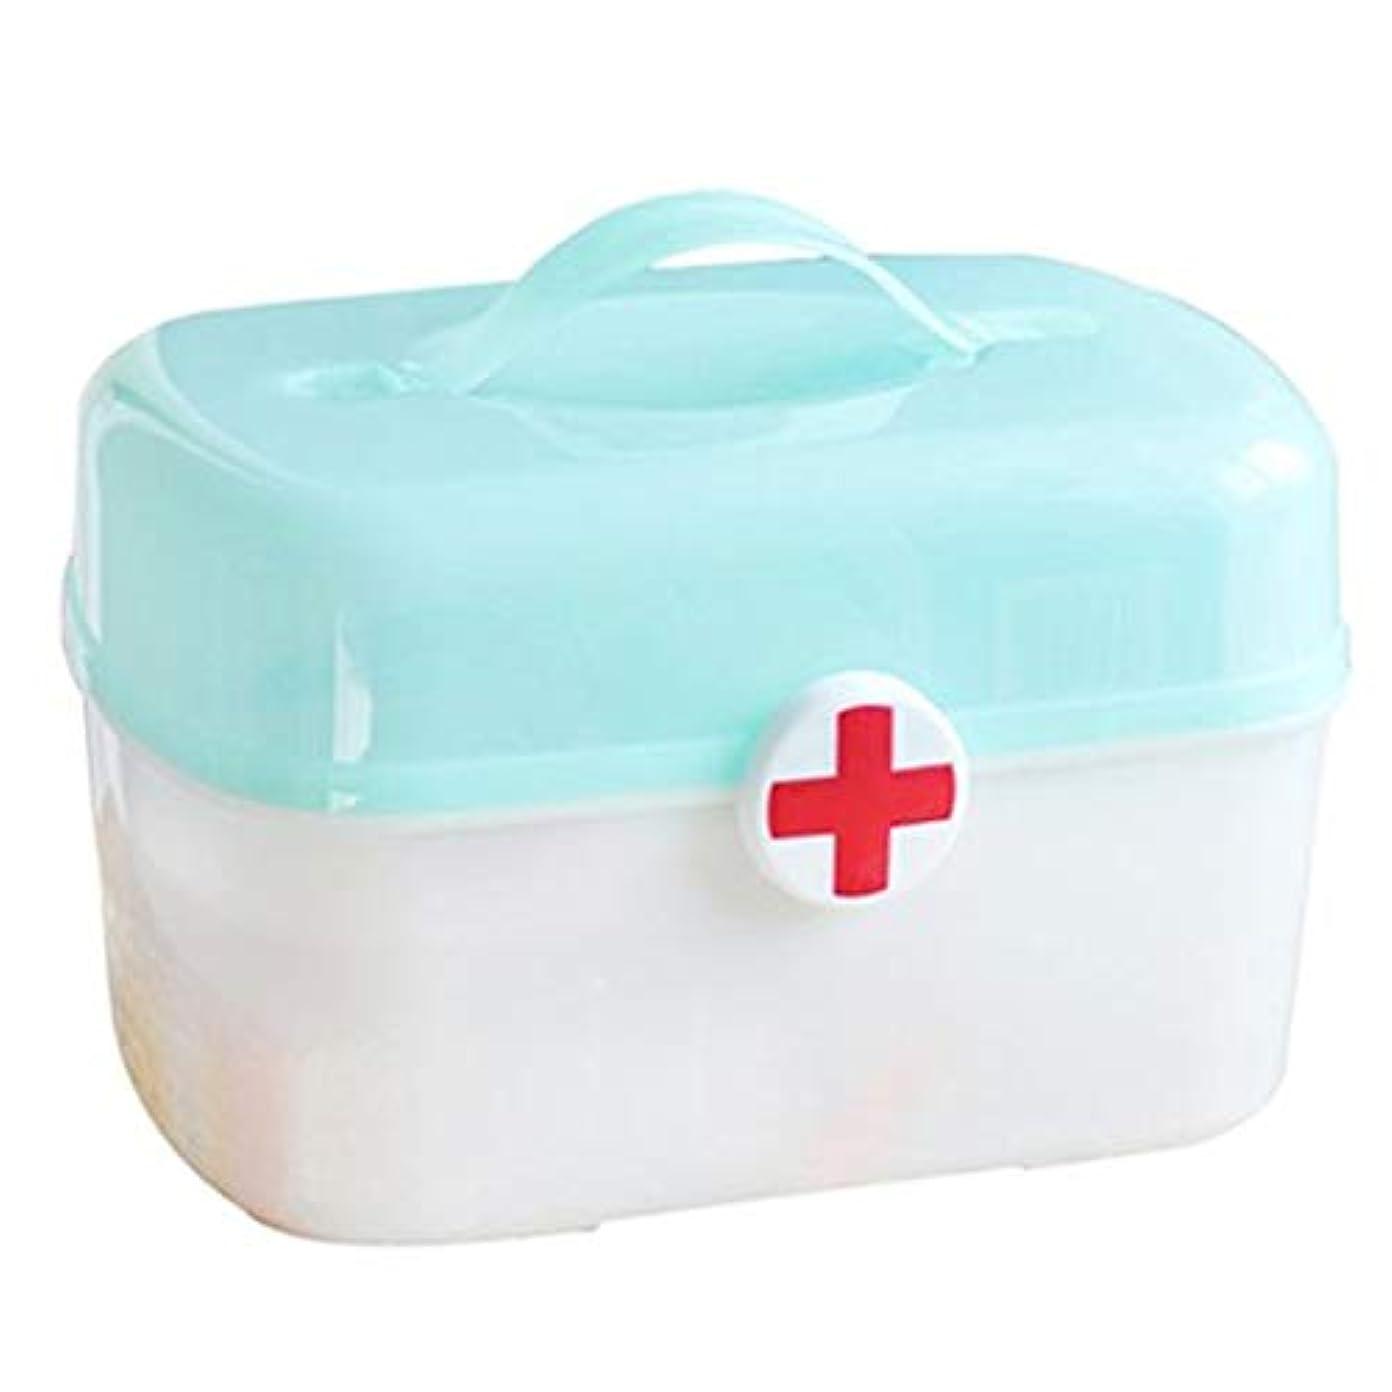 爬虫類スズメバチダイバーLLSDD プラスチック薬箱薬収納ボックスポータブル救急箱家庭用薬収納ボックス